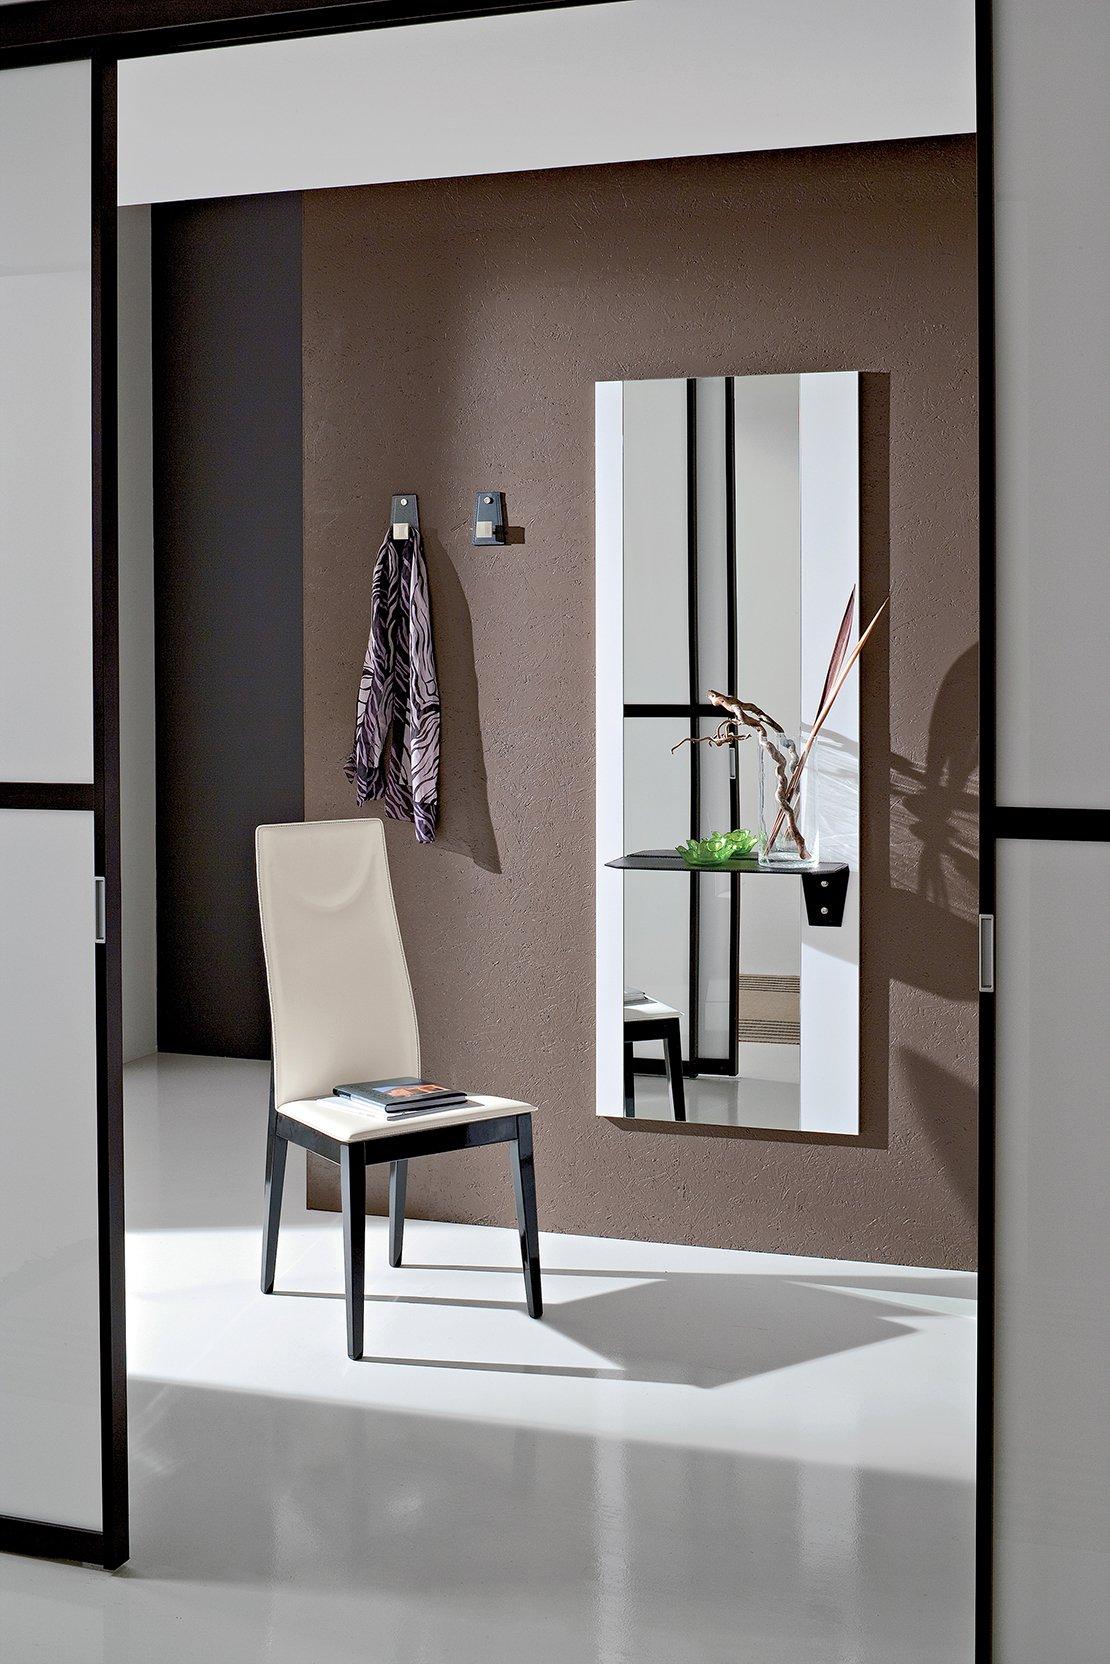 Specchio Moderno Per Ingresso.Ingresso Con Specchio Moderno Lia 502 Ingresso Moderno Lia